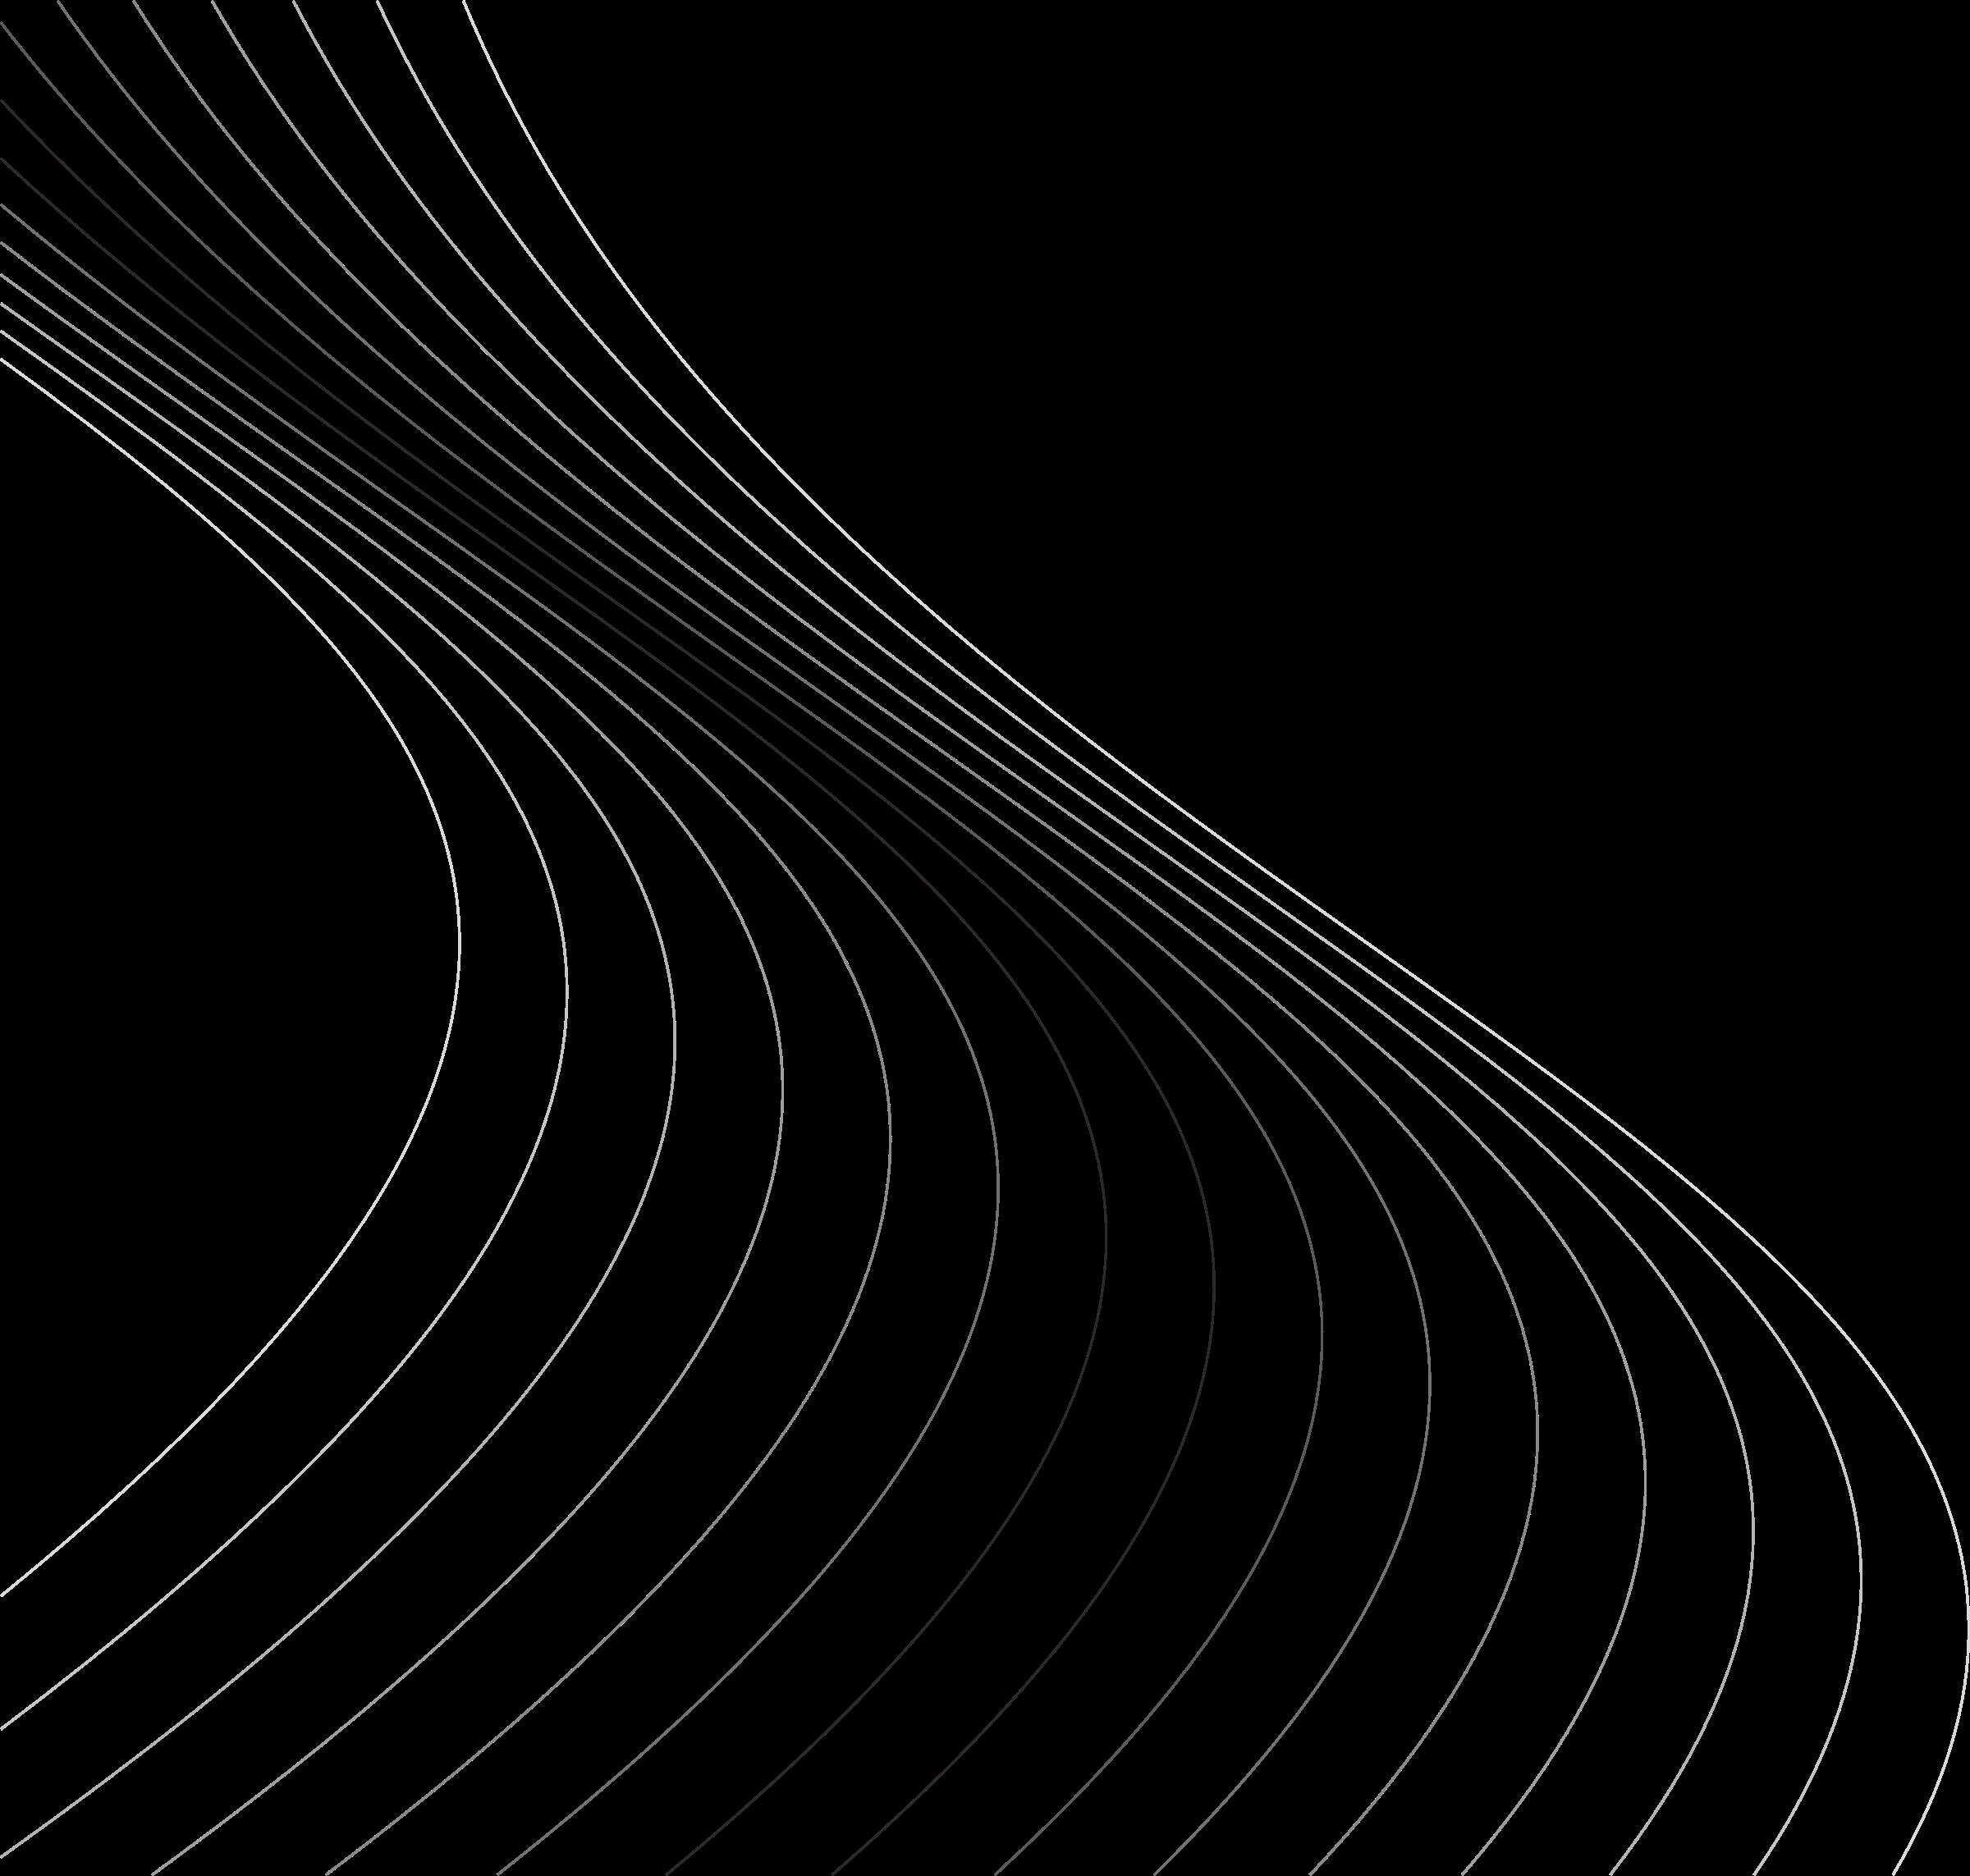 Big image png. Waves clipart wave shape wave